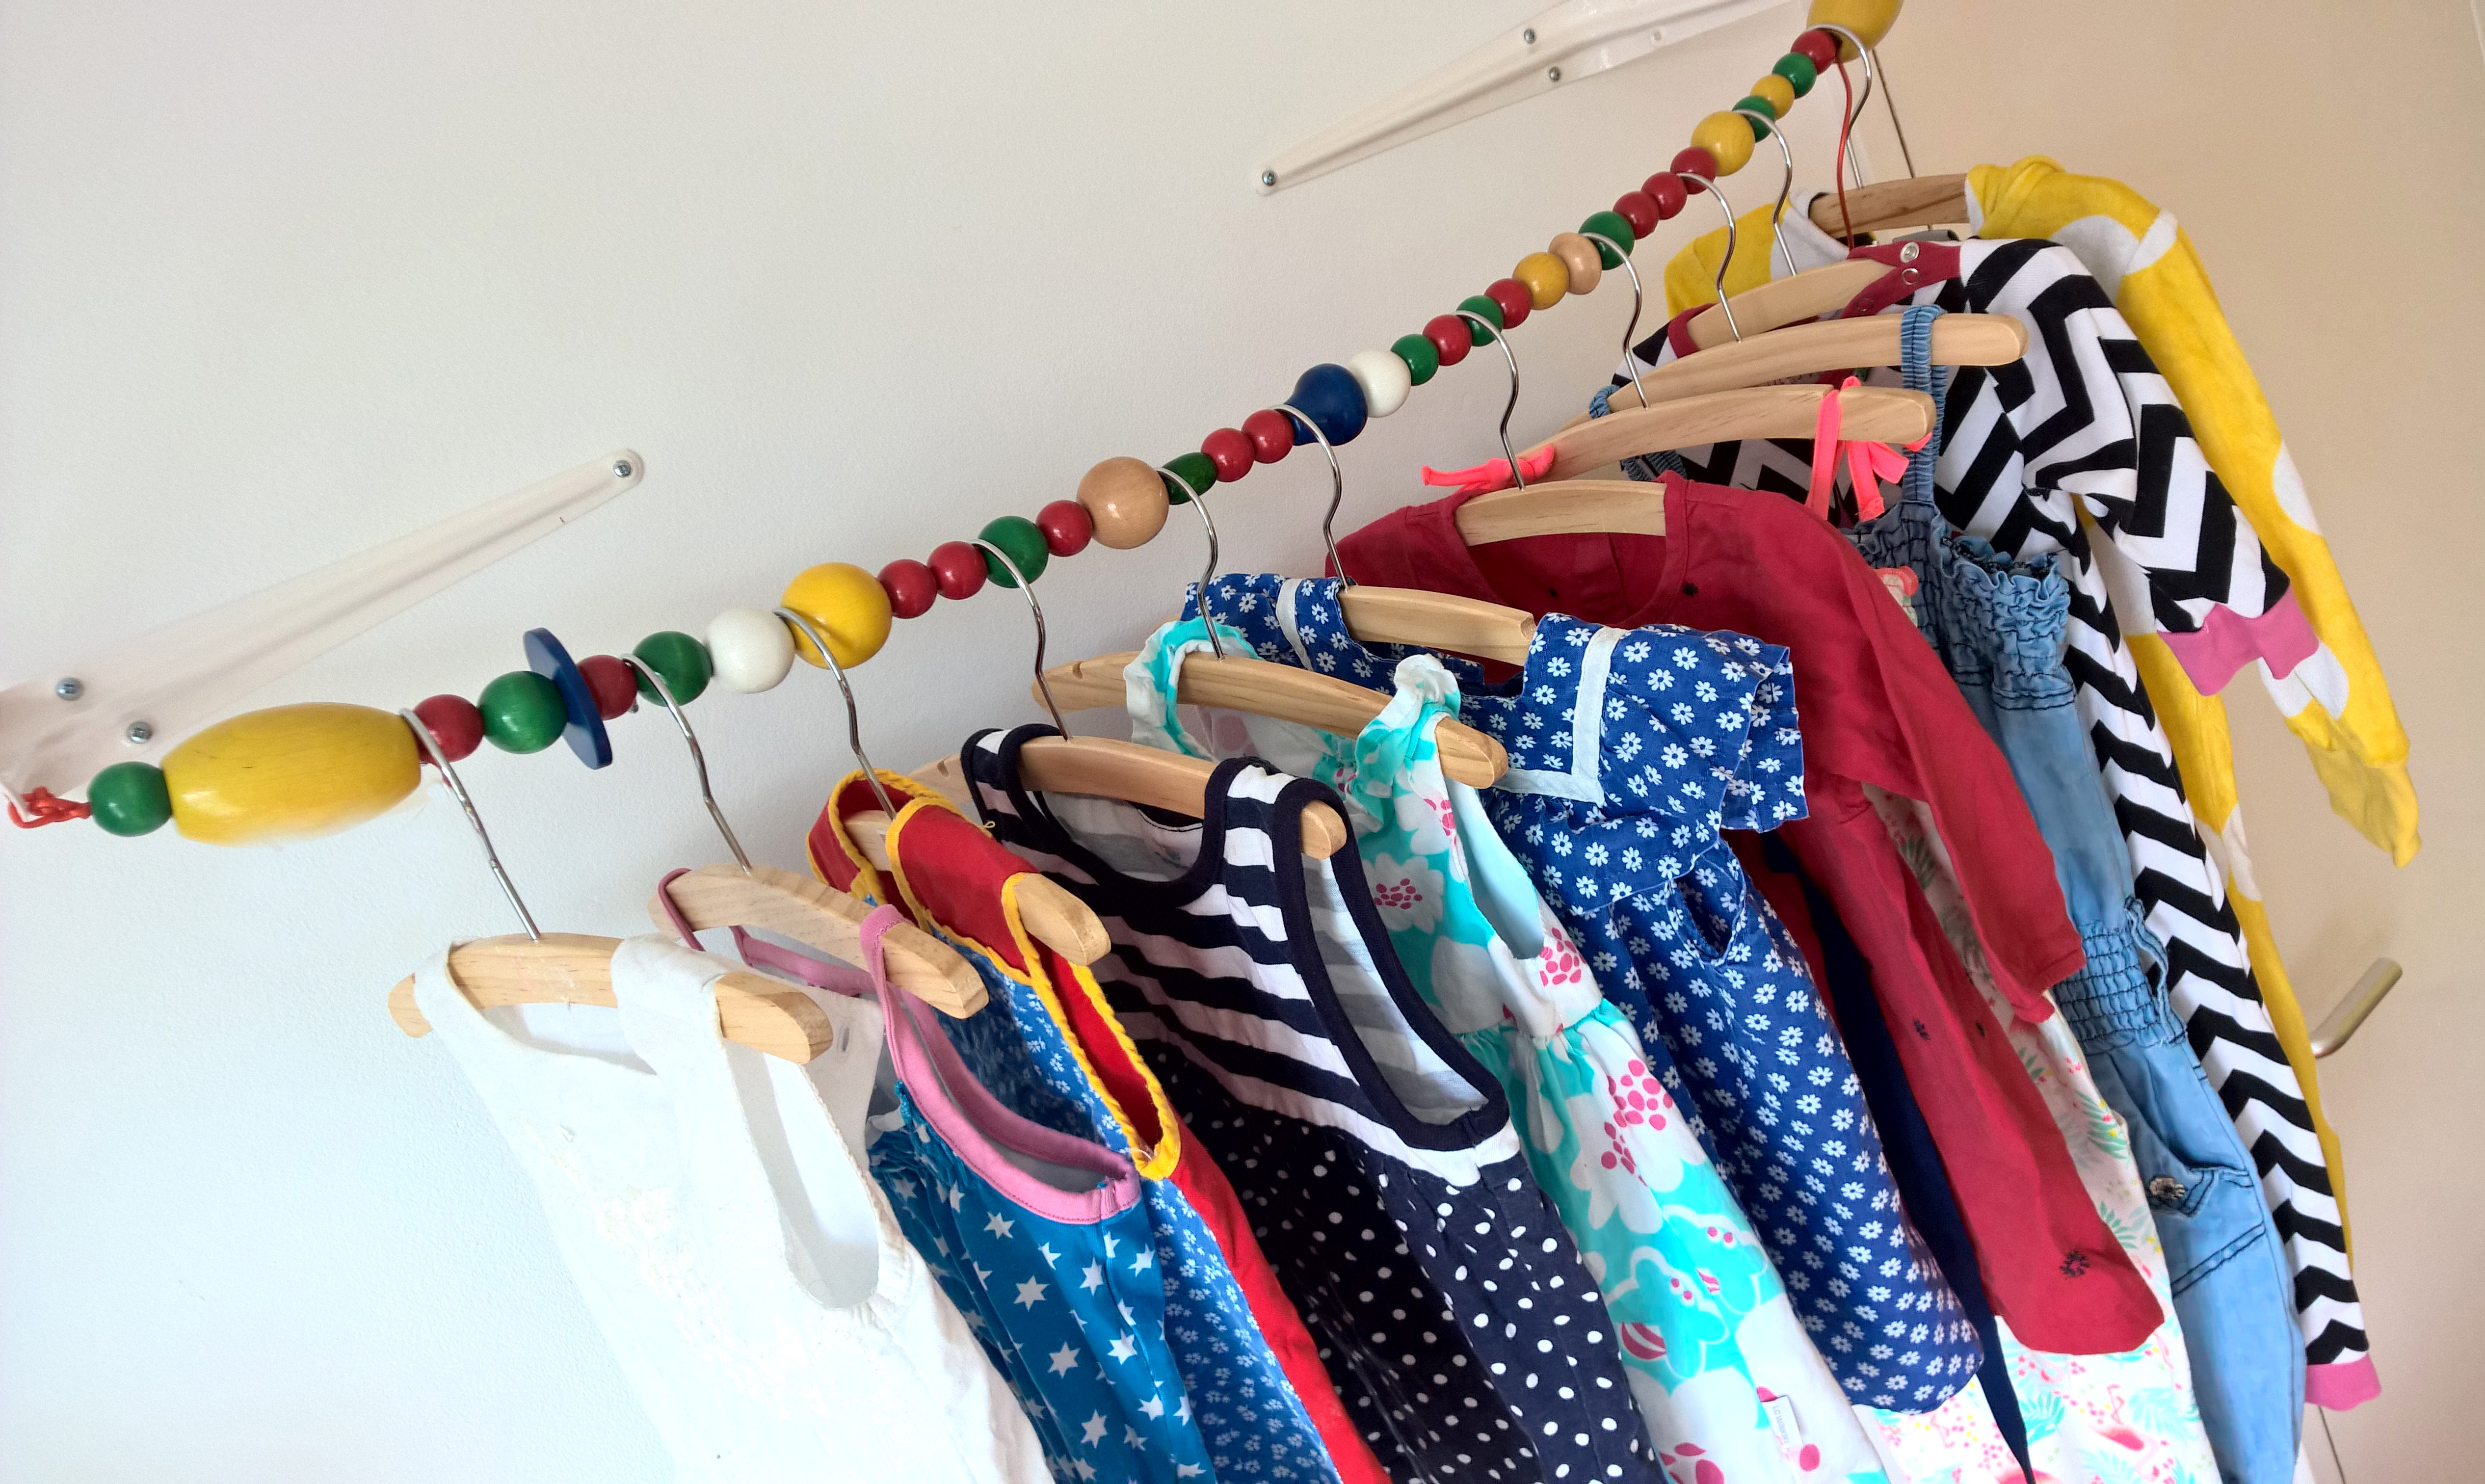 Simpele Vrolijke Kinderkamer : Zelfgemaakt vrolijk kledingrek voor de kinderkamer mary j